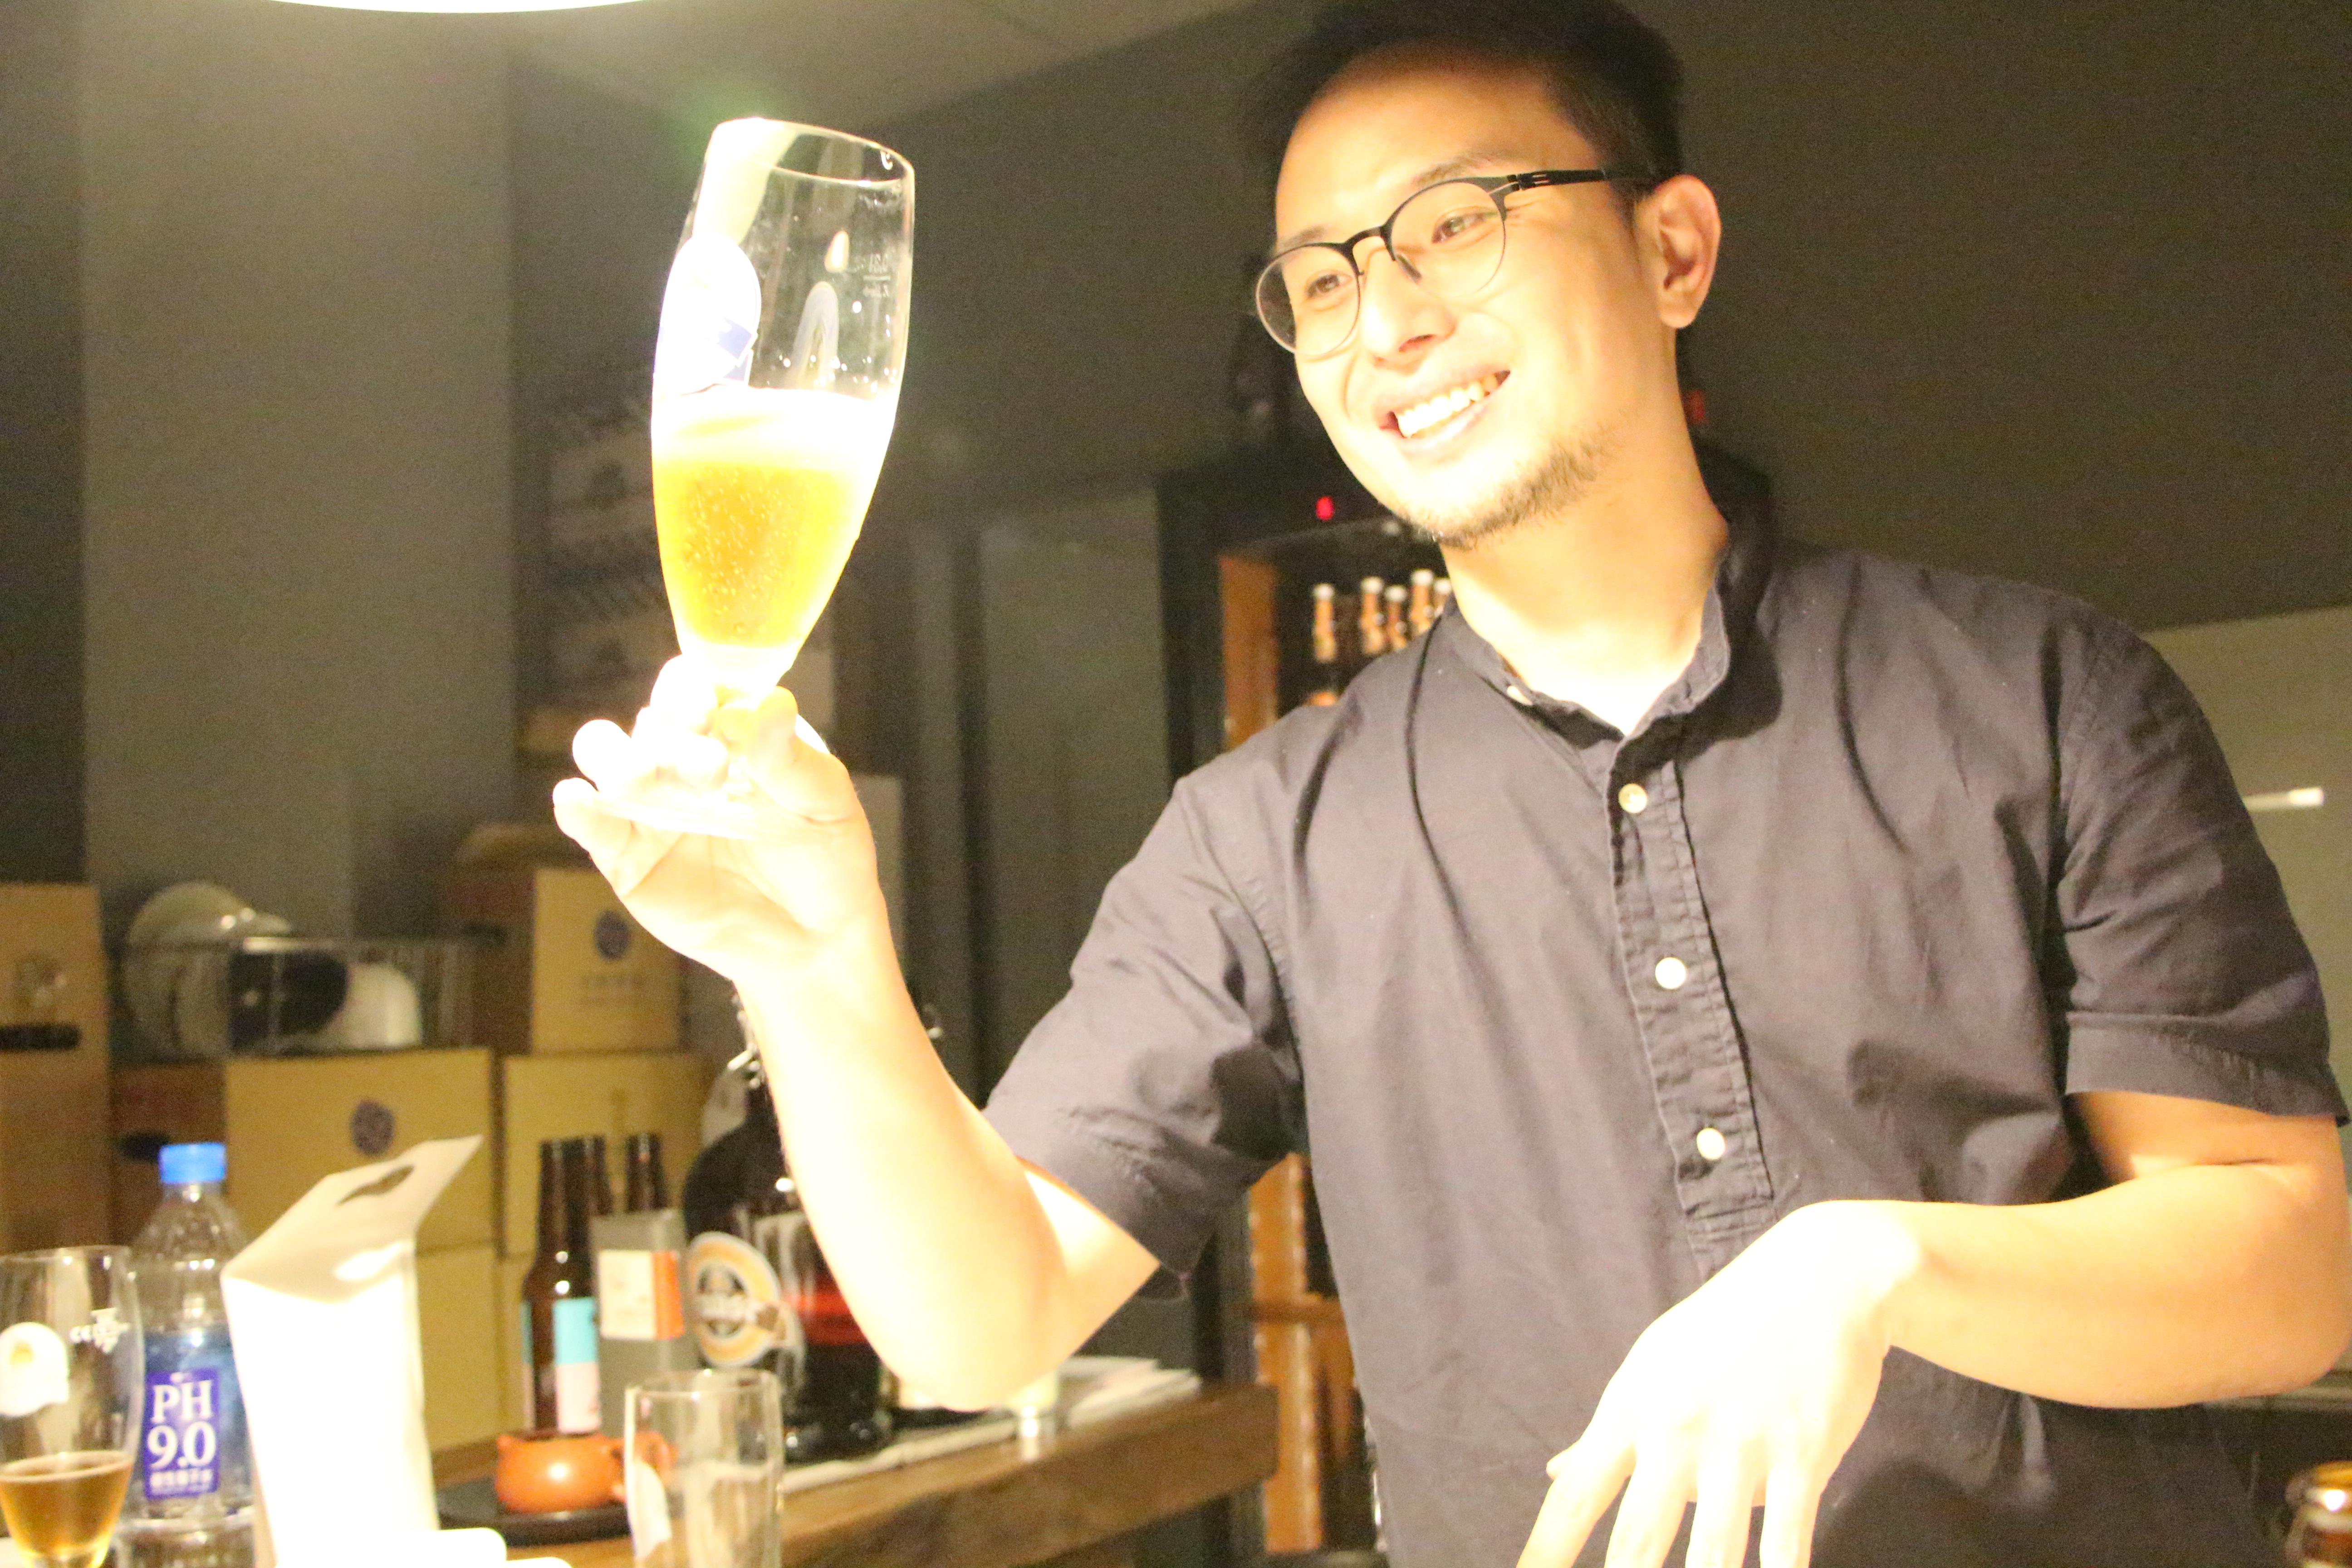 不喜歡喝酒的陳相全,因為想喝到喜歡的啤酒,而開始學習釀酒。